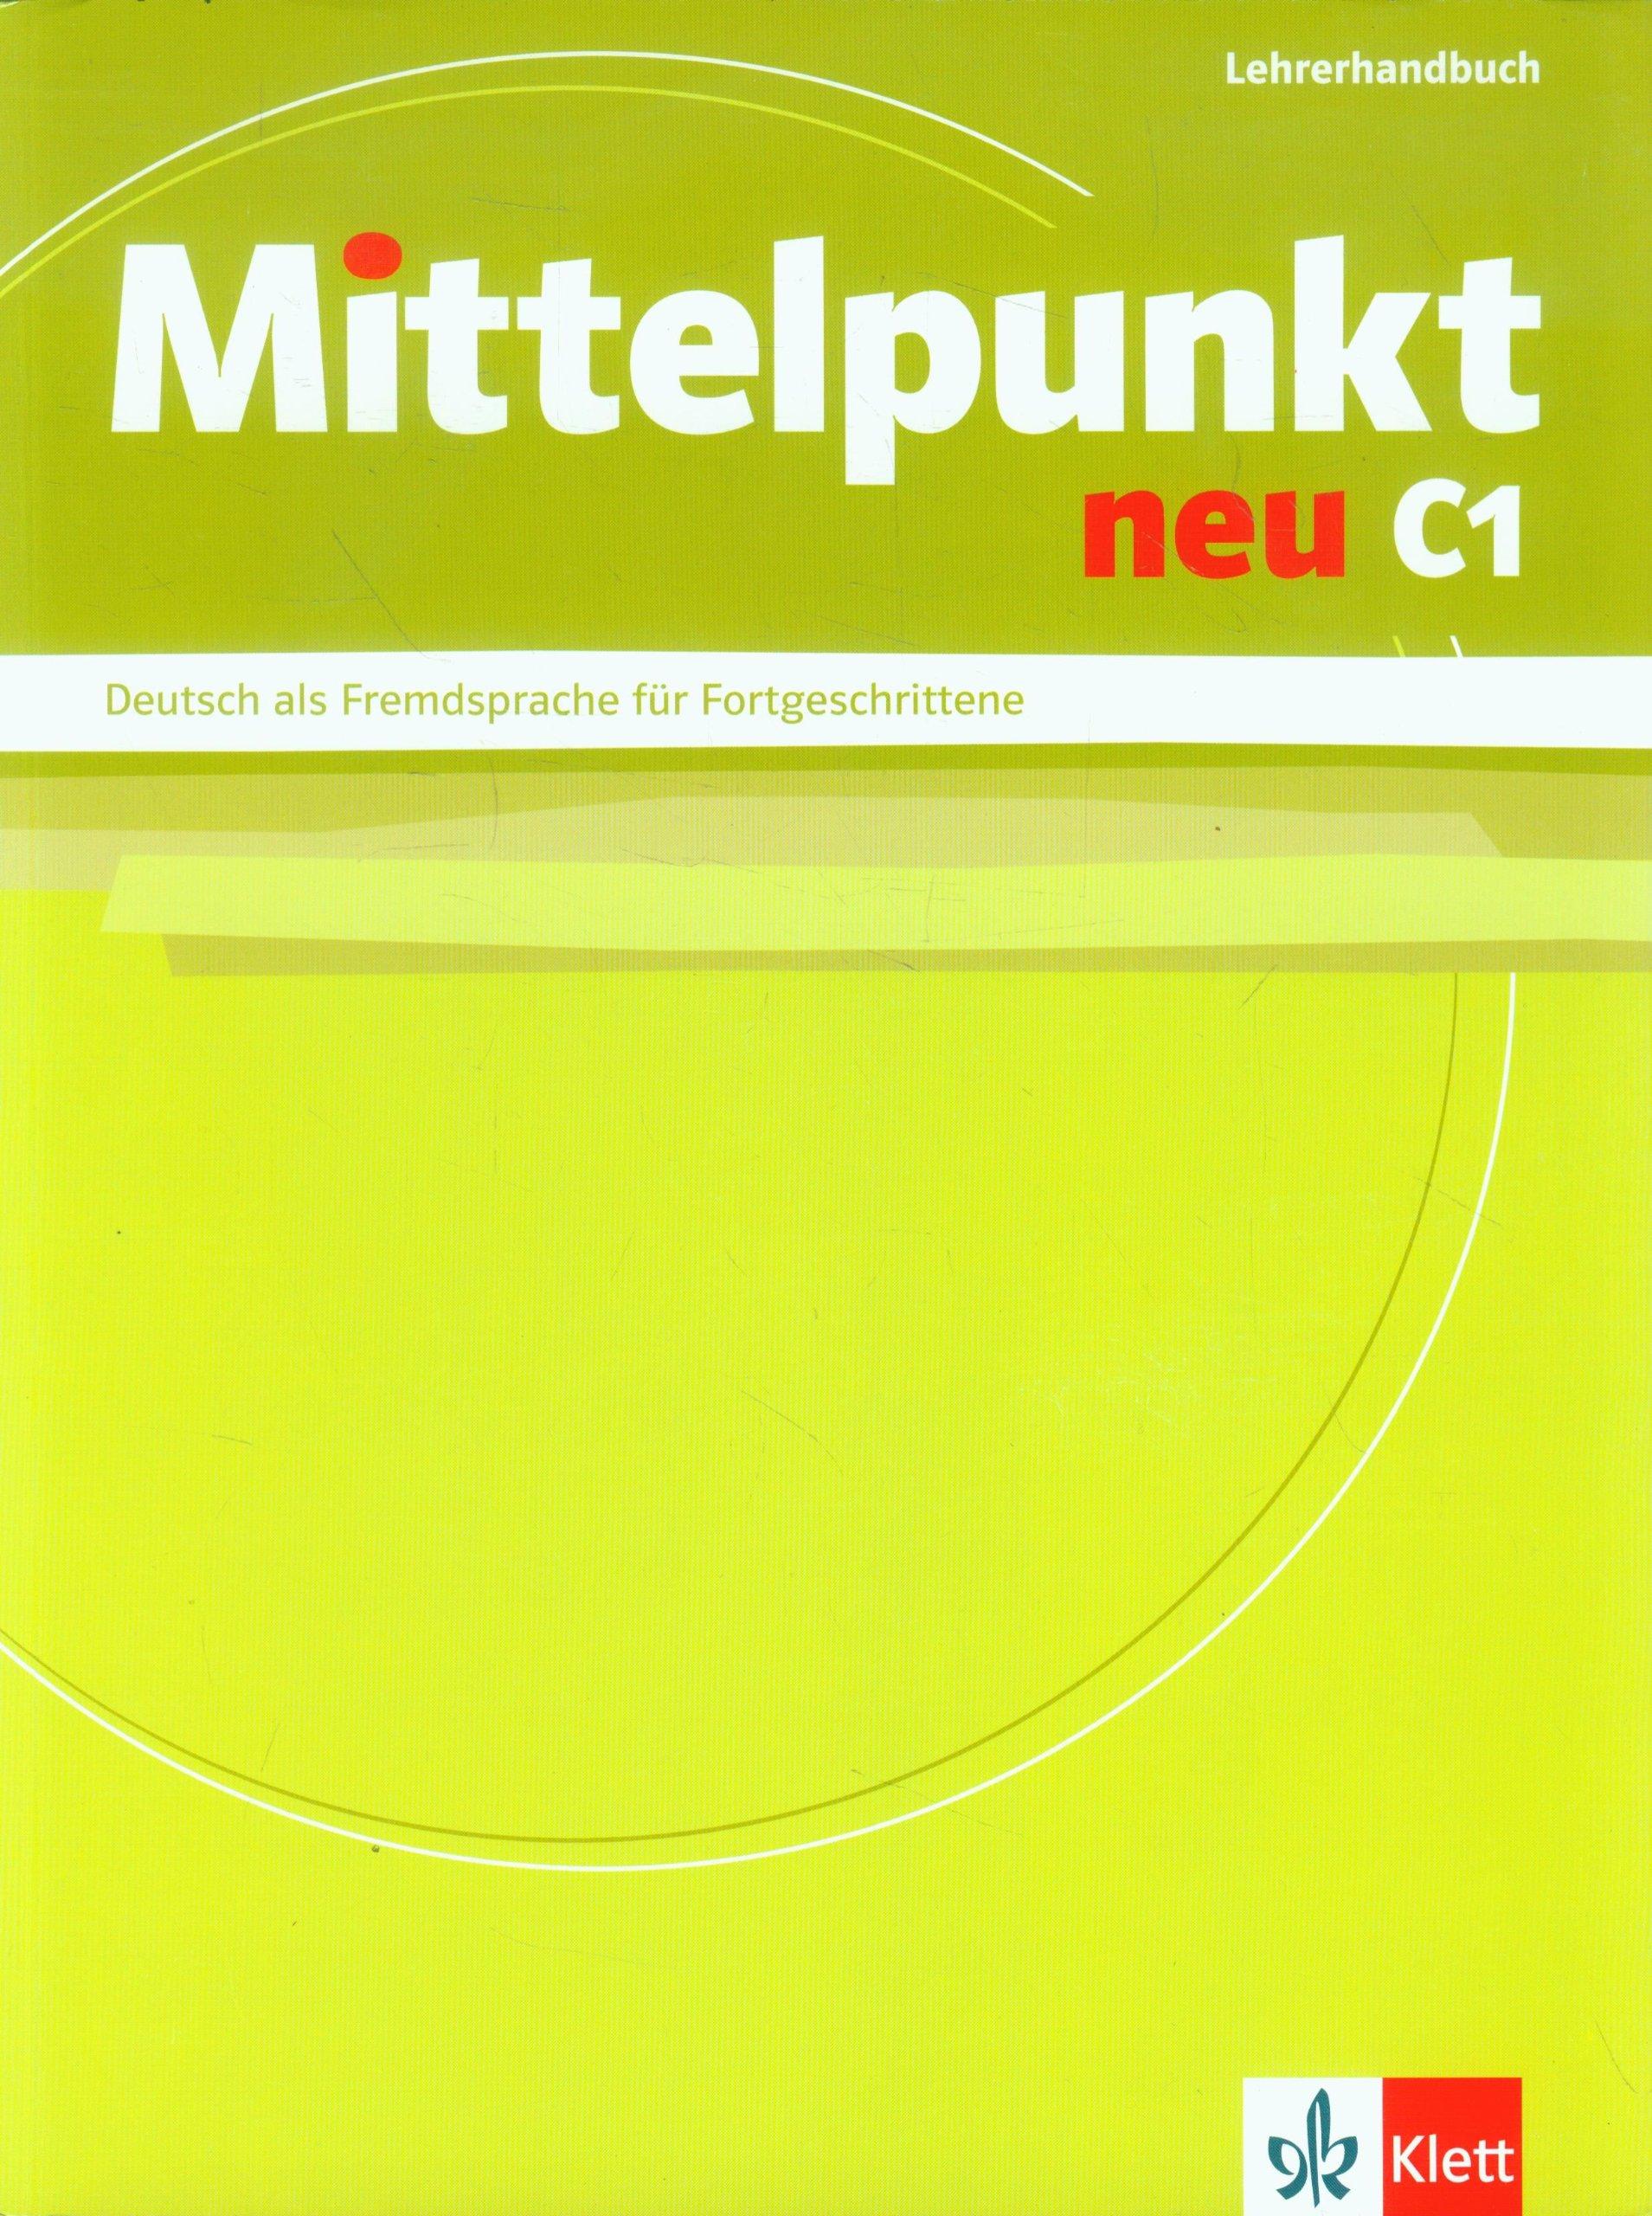 Mittelpunkt NEU - C1 Lehrerhandbuch - Ръководство за учителя по немски език за ниво